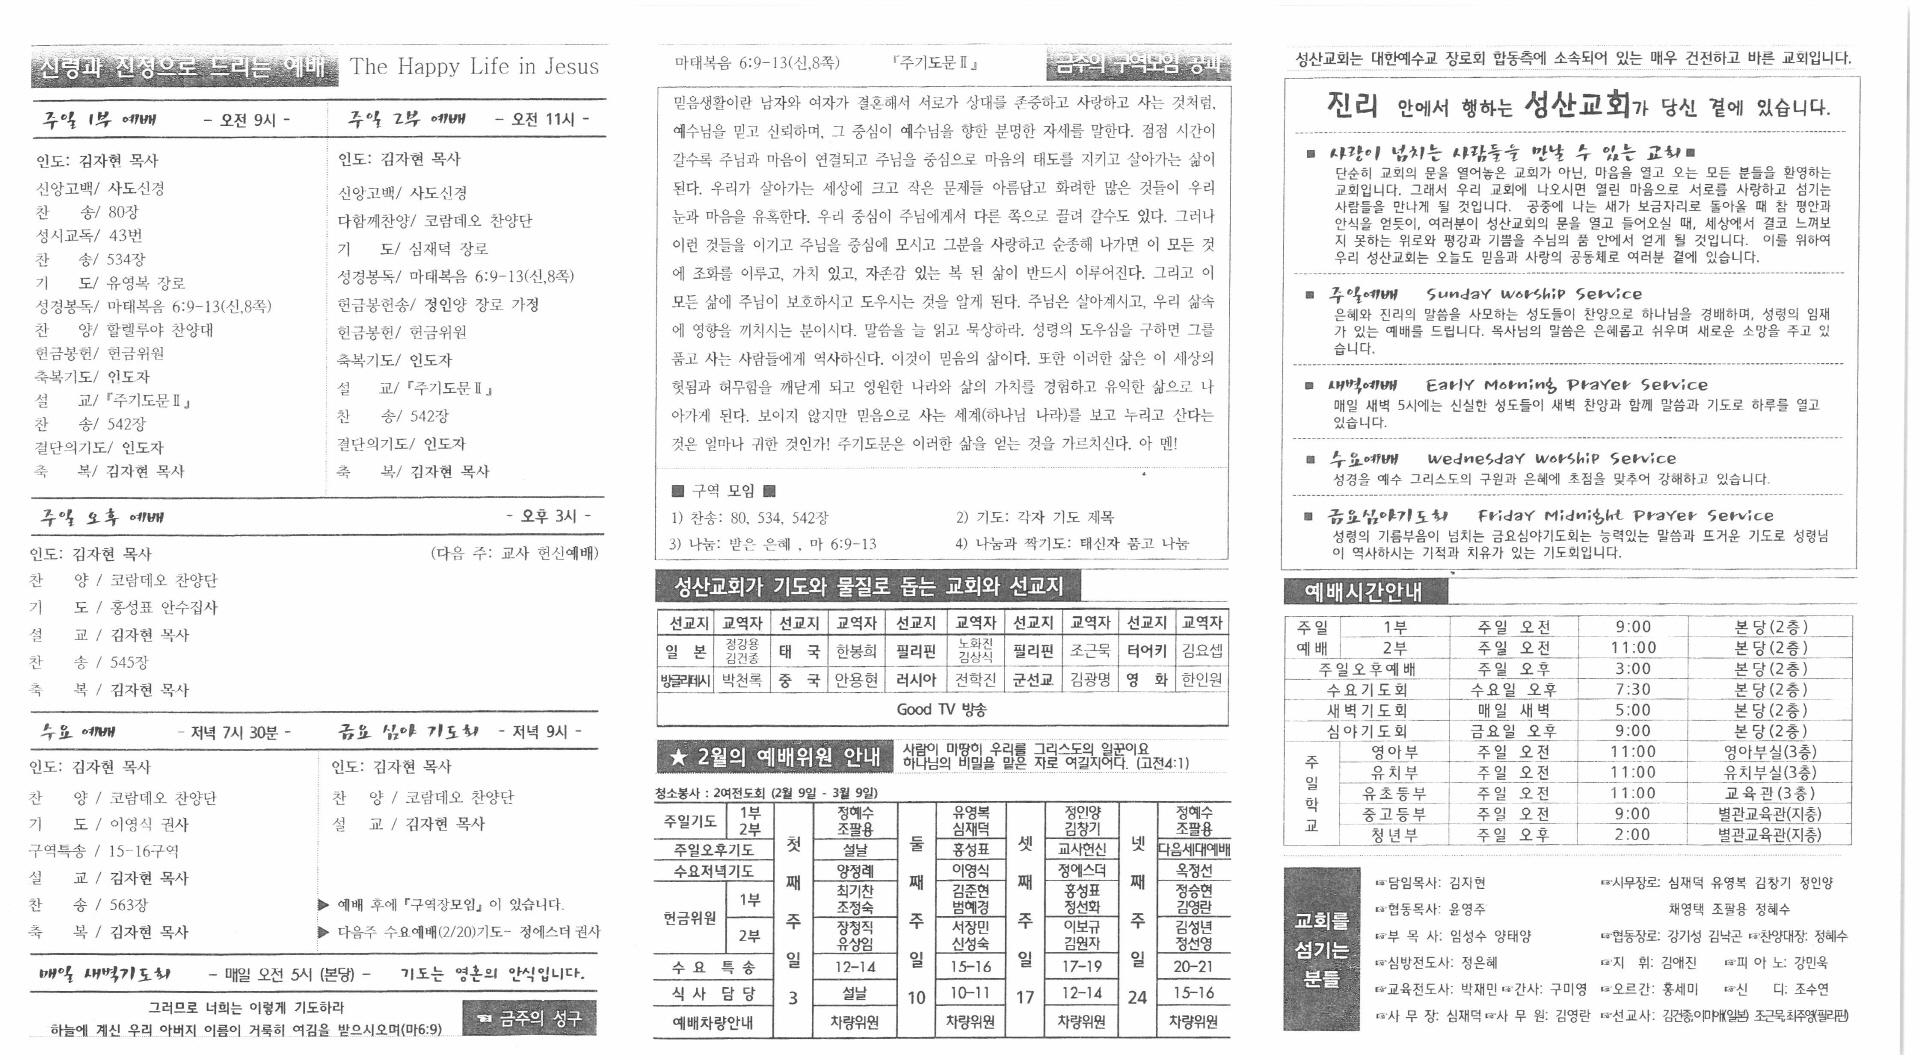 축소S22C-6e19021612120_0002.jpg